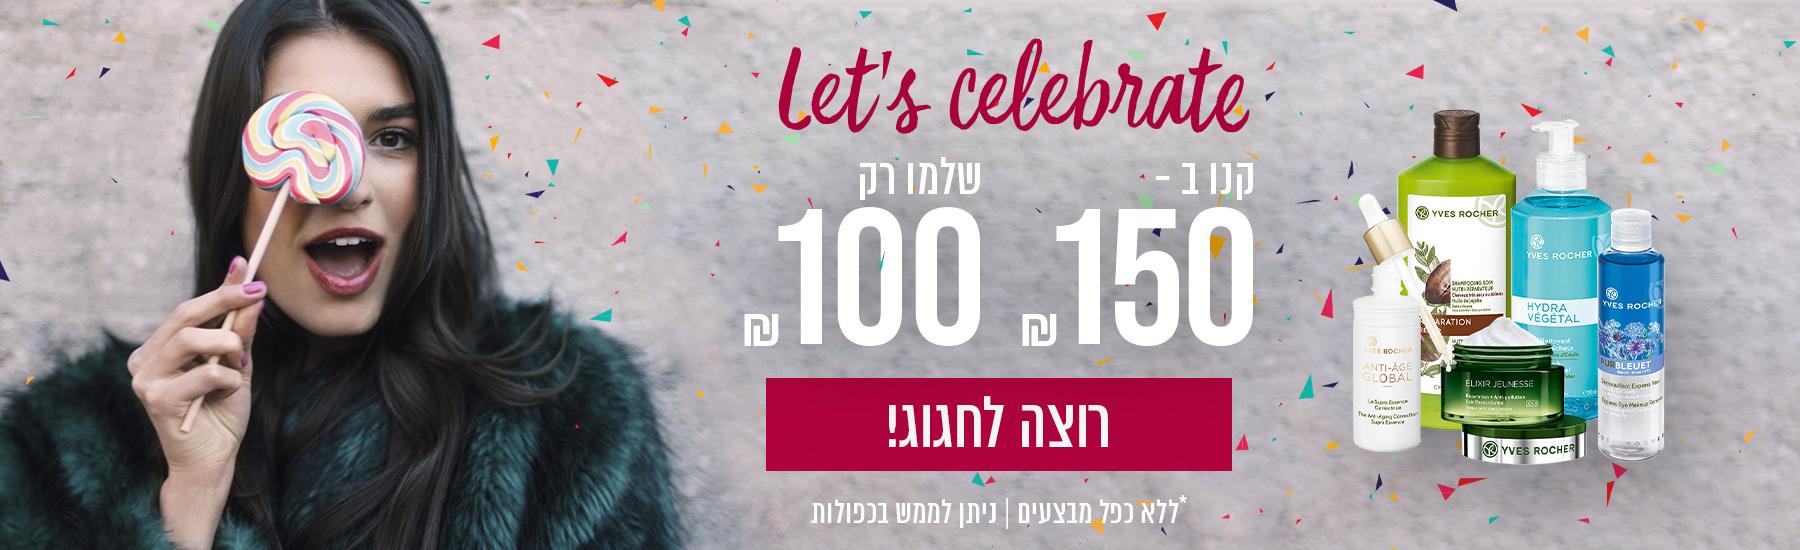 חגיגת סוף שנה באיב רושה! קני ב 150 שח ושלמי רק 100 שח!